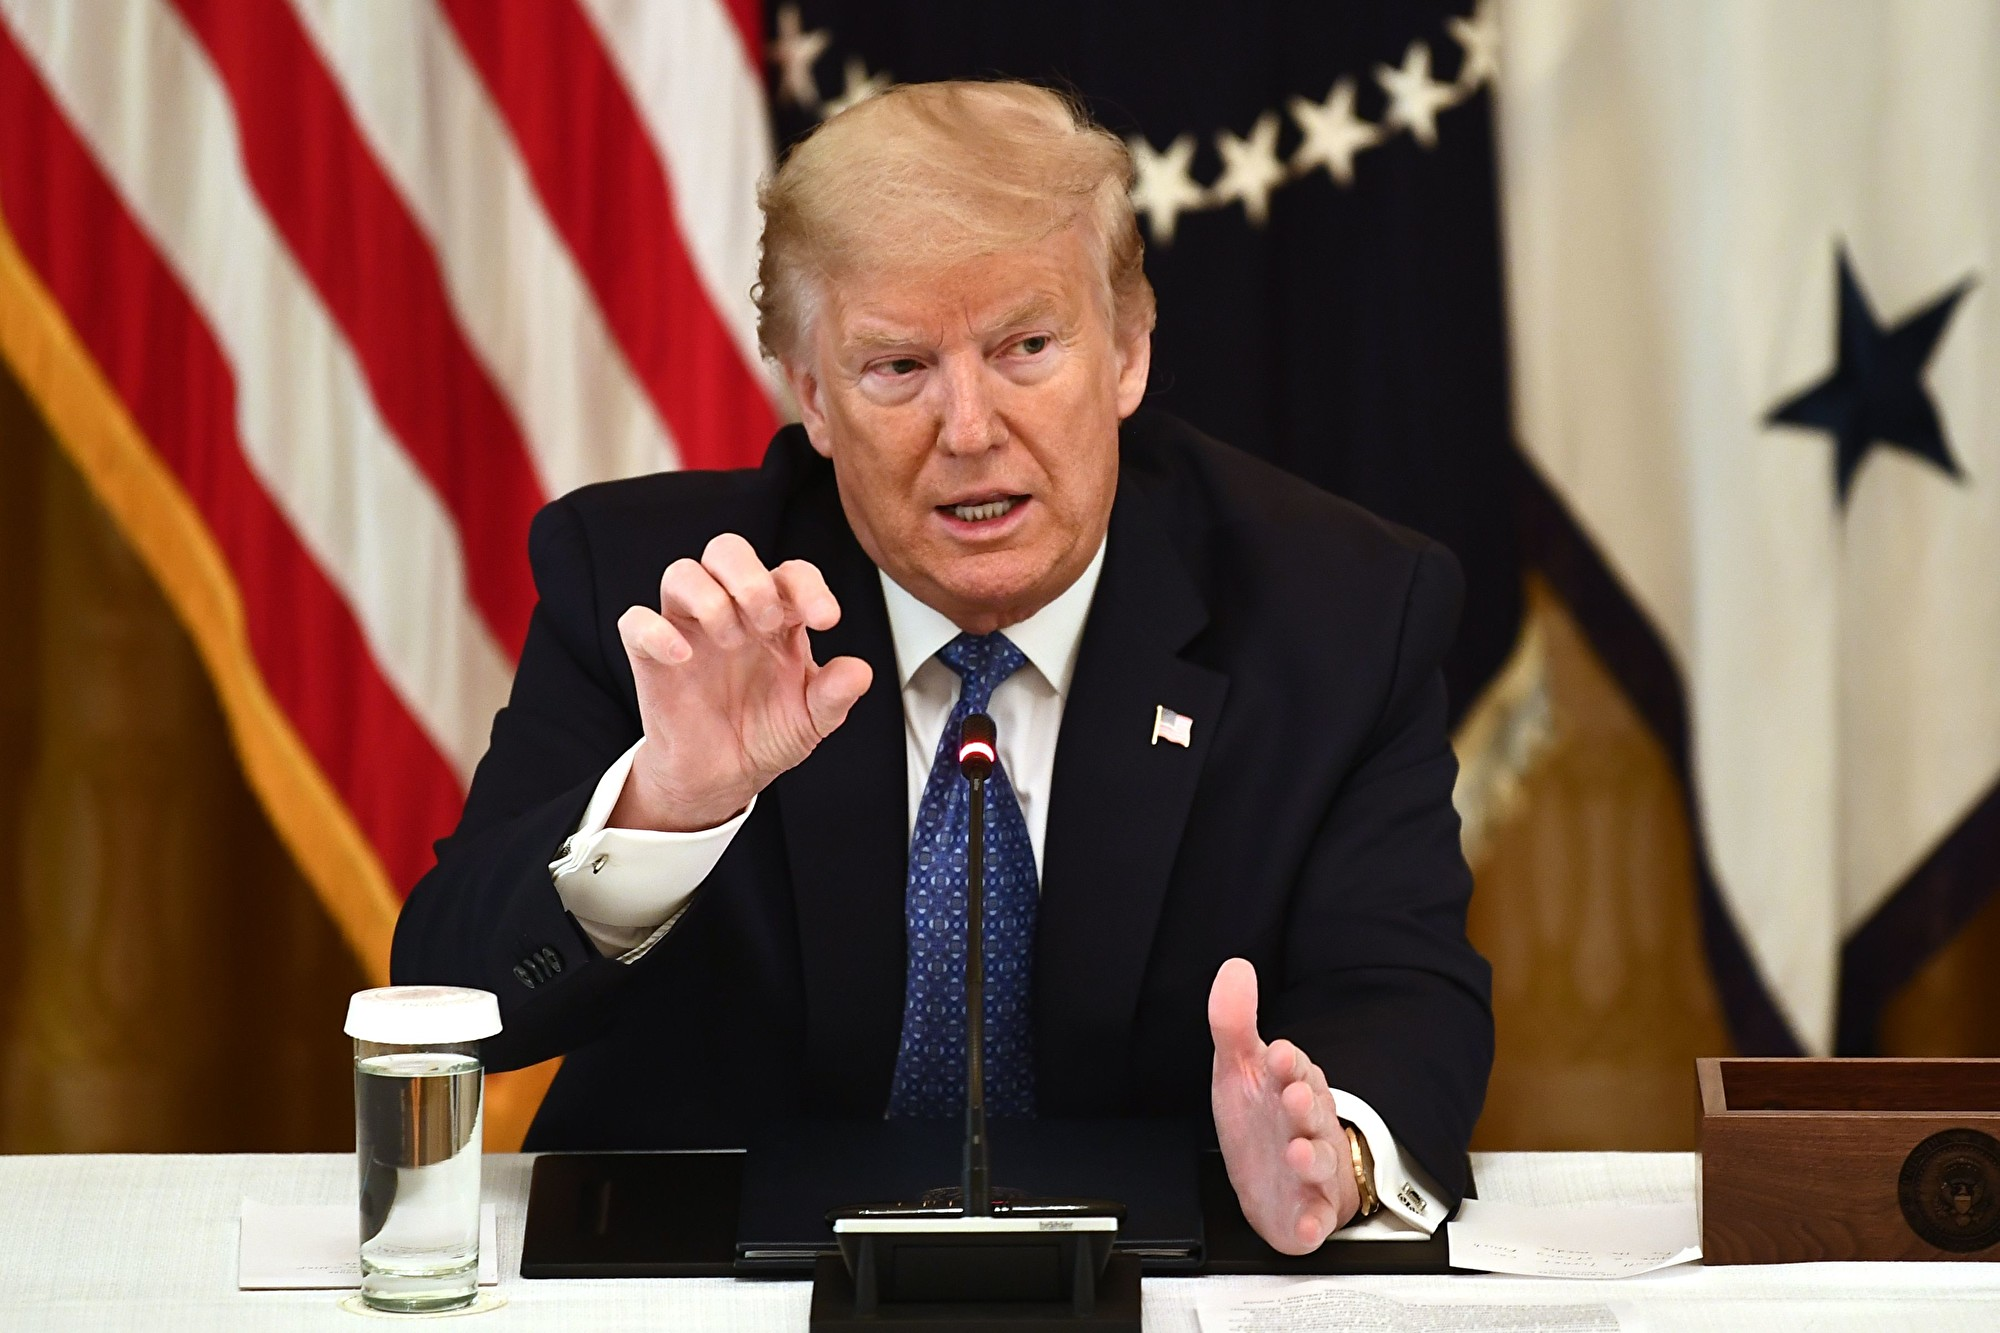 美國總統特朗普簽署了一項行政命令,指示聯邦機構削減法規,這相當於監管政策的全面改革,也將幫助美國從疫情的打擊中復甦。(BRENDAN SMIALOWSKI/AFP via Getty Images)